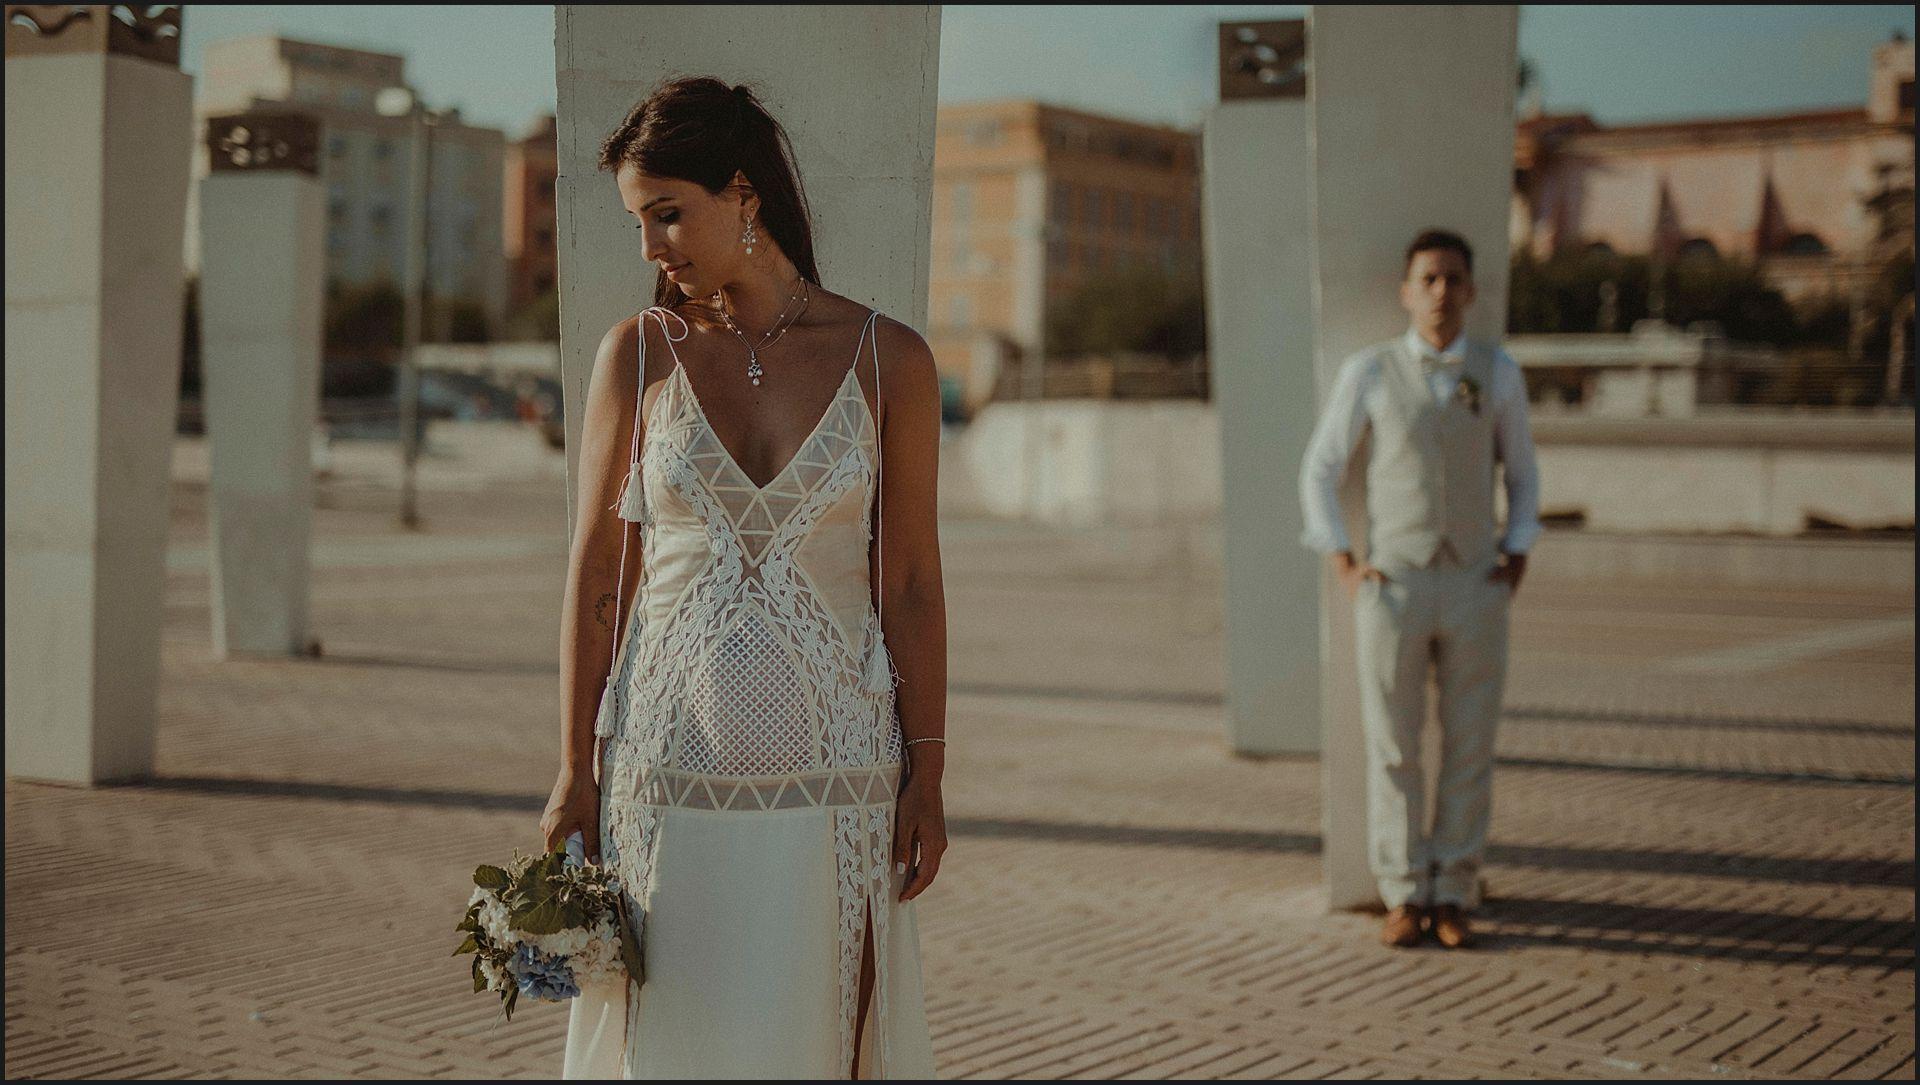 bride, groom, columns, destination wedding, white dress, wedding gown, civitavecchia